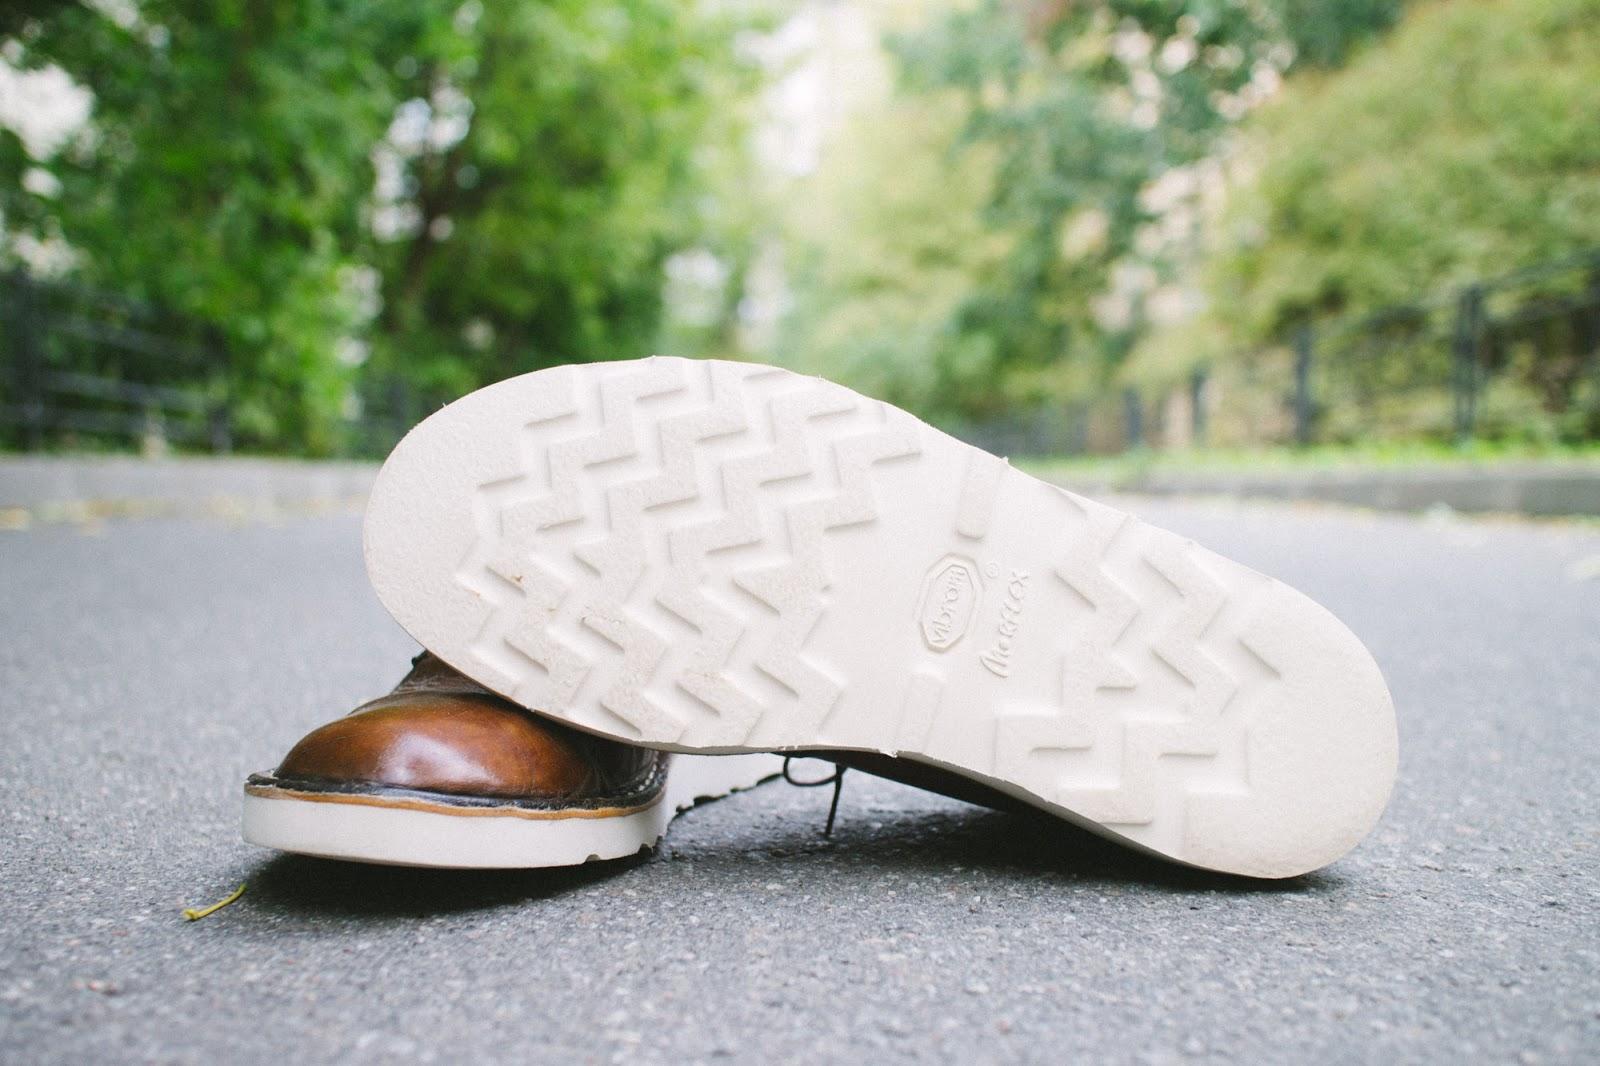 В Португалии работают над проектом по созданию антивирусной подошвы для обуви